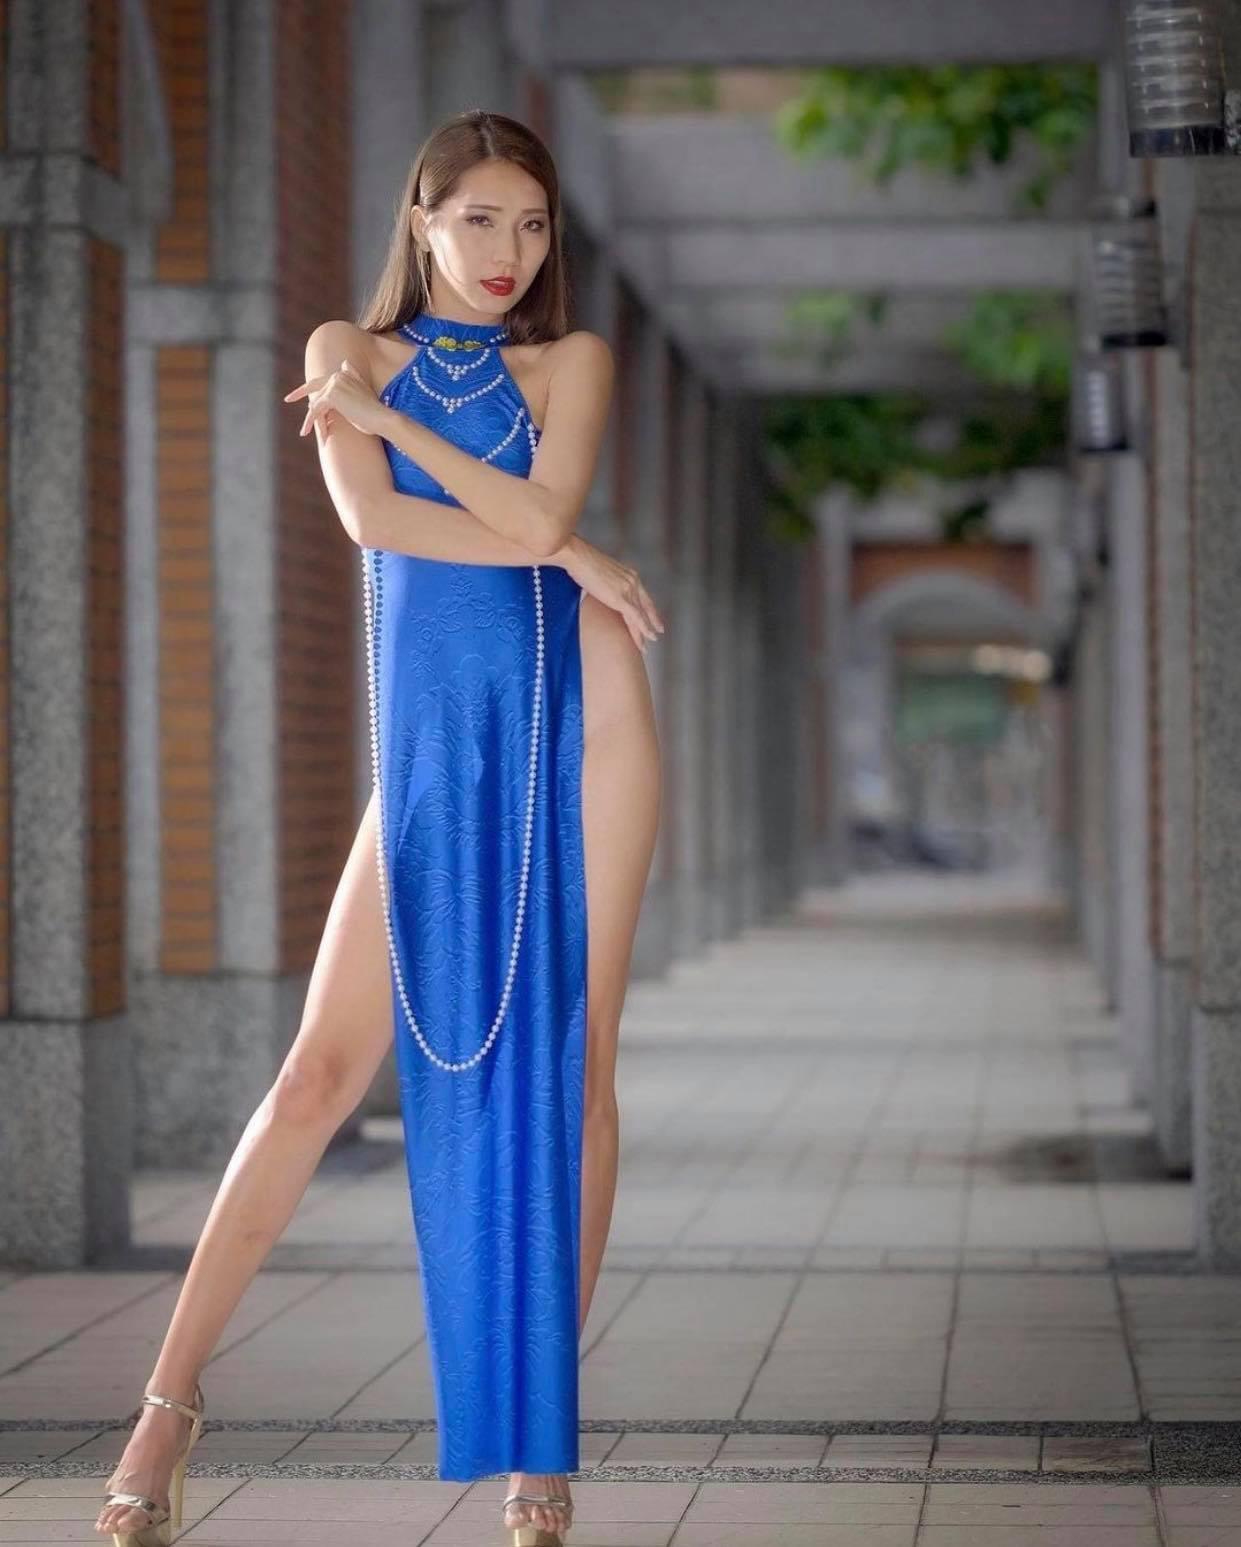 """Mẫu xứ Đài diện áo dài không quần, nhiều lần bị chỉ trích vì gu mặc """"không giống ai"""" - hình ảnh 5"""